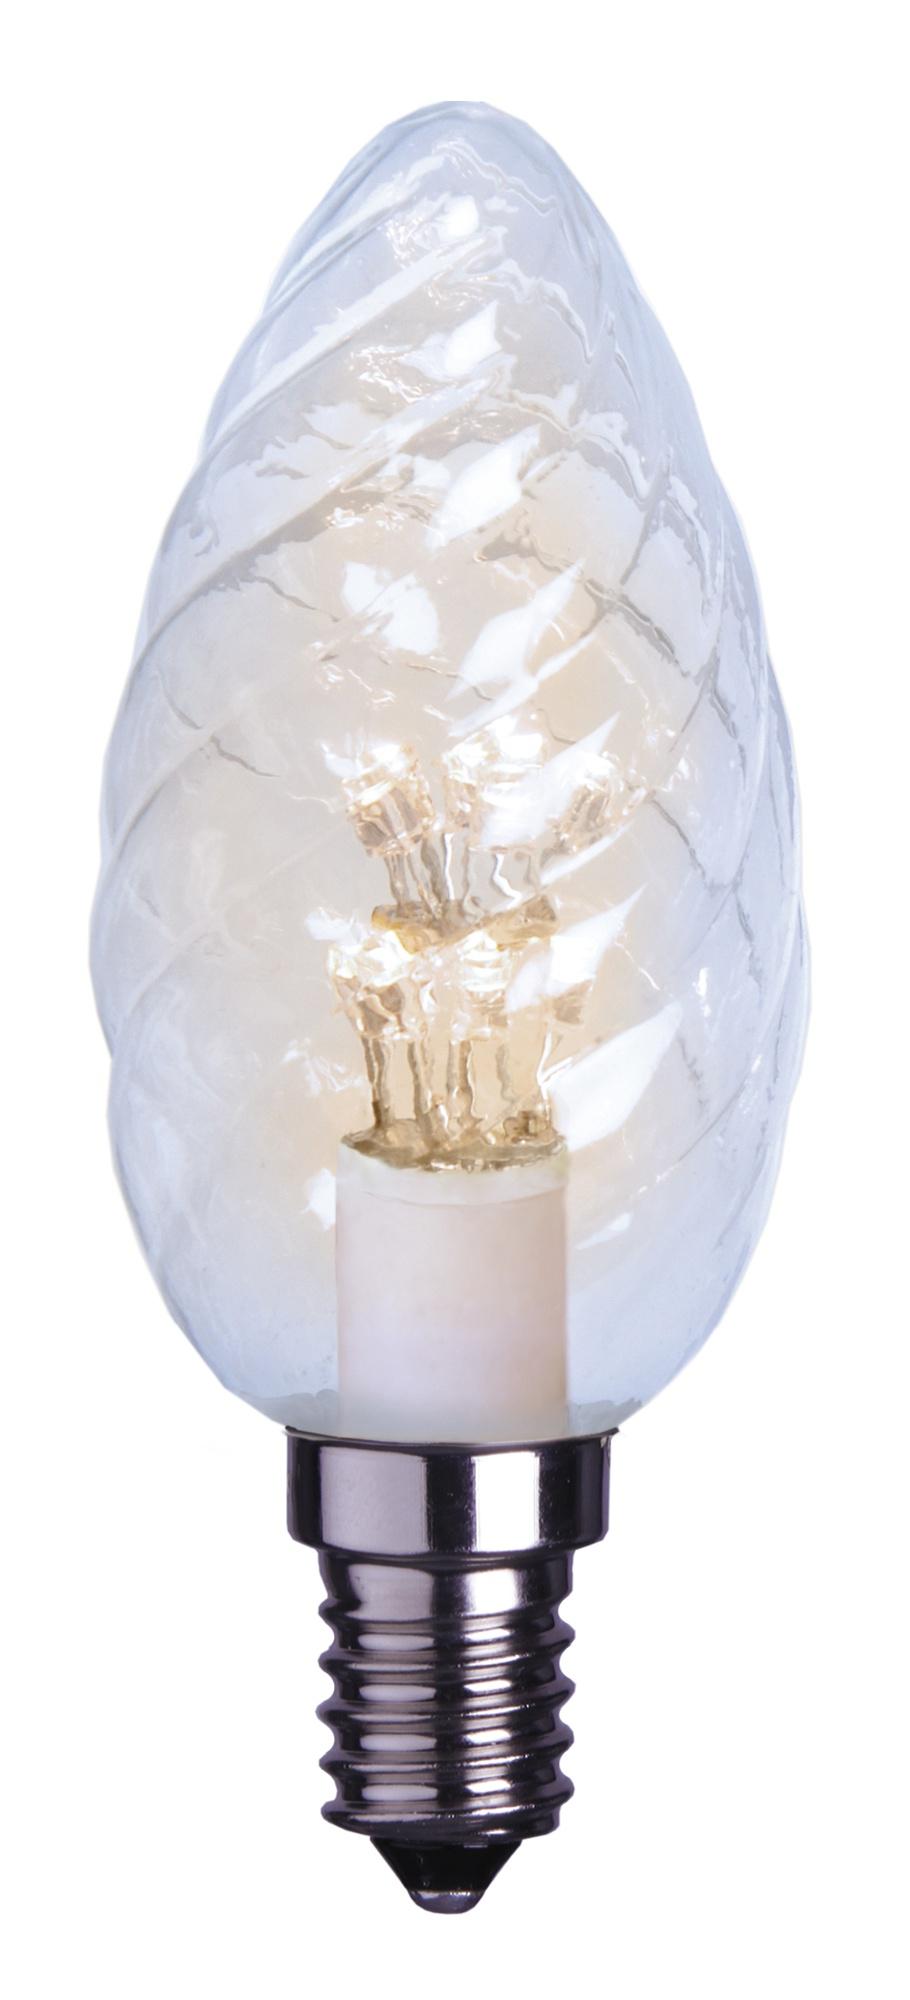 LED-kynttilälamppu Decoration LED 337-36 Ø 35x100 mm E14 kirkas kierre 0,9W 2600K 55lm